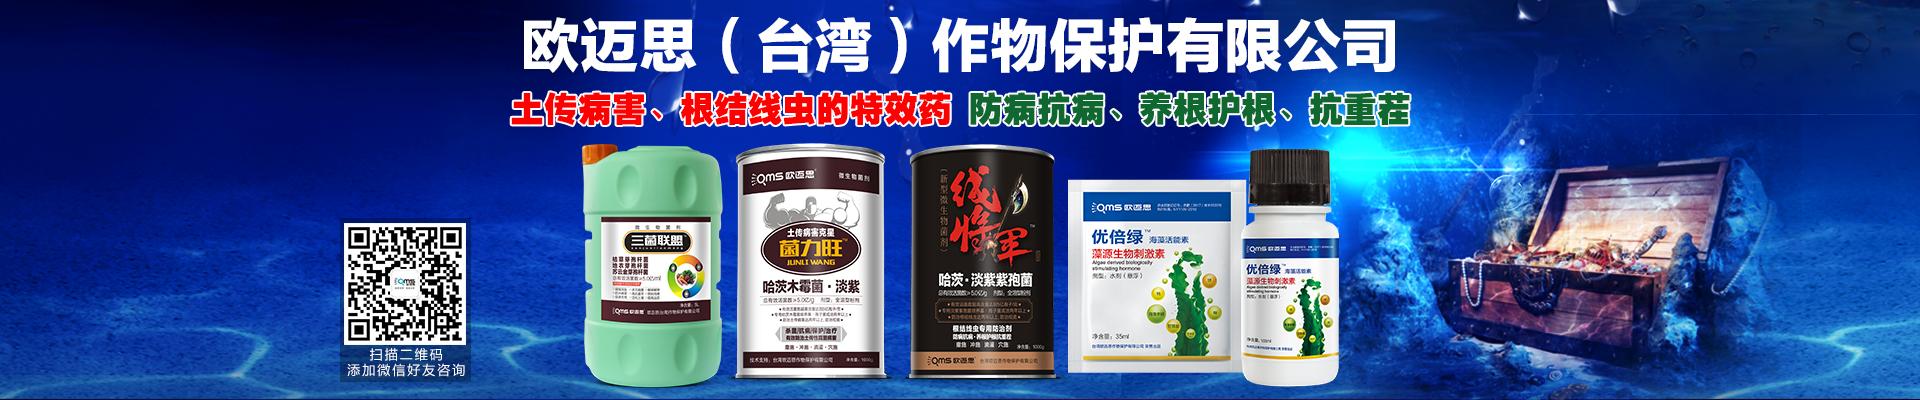 欧迈思(台湾)作物保护有限公司